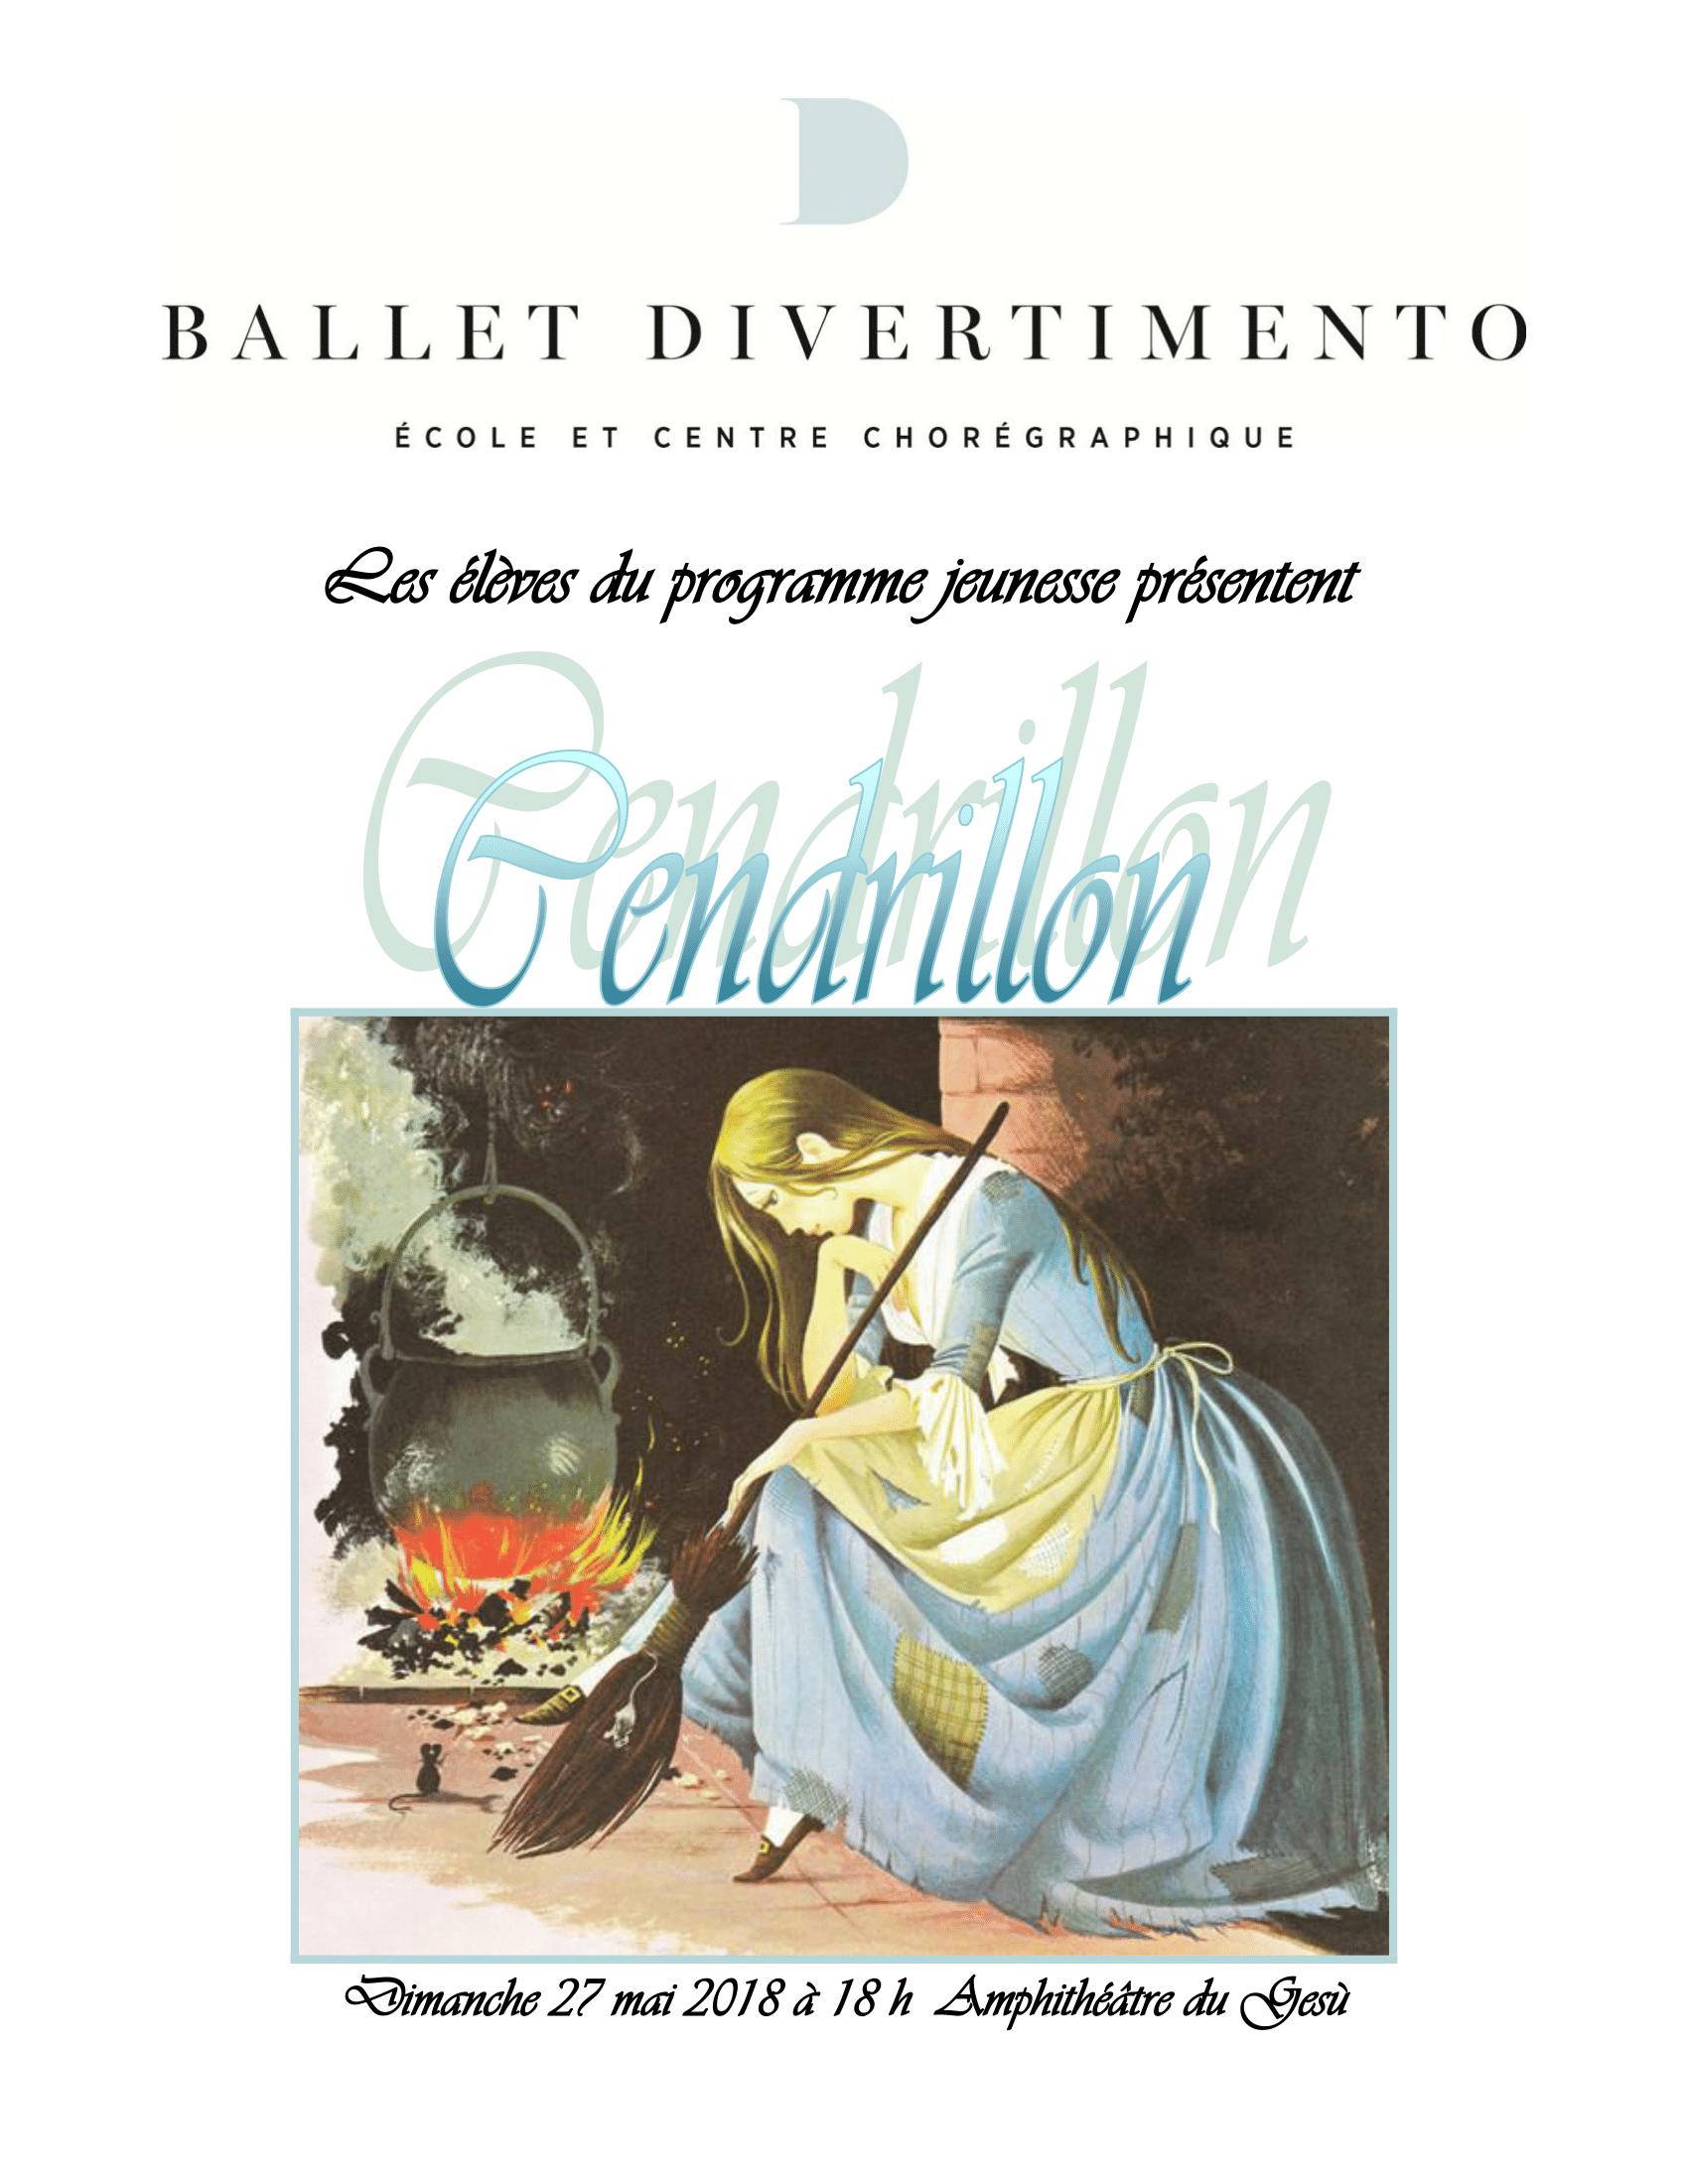 """Ballet Divertimento présente """"Cendrillon"""""""